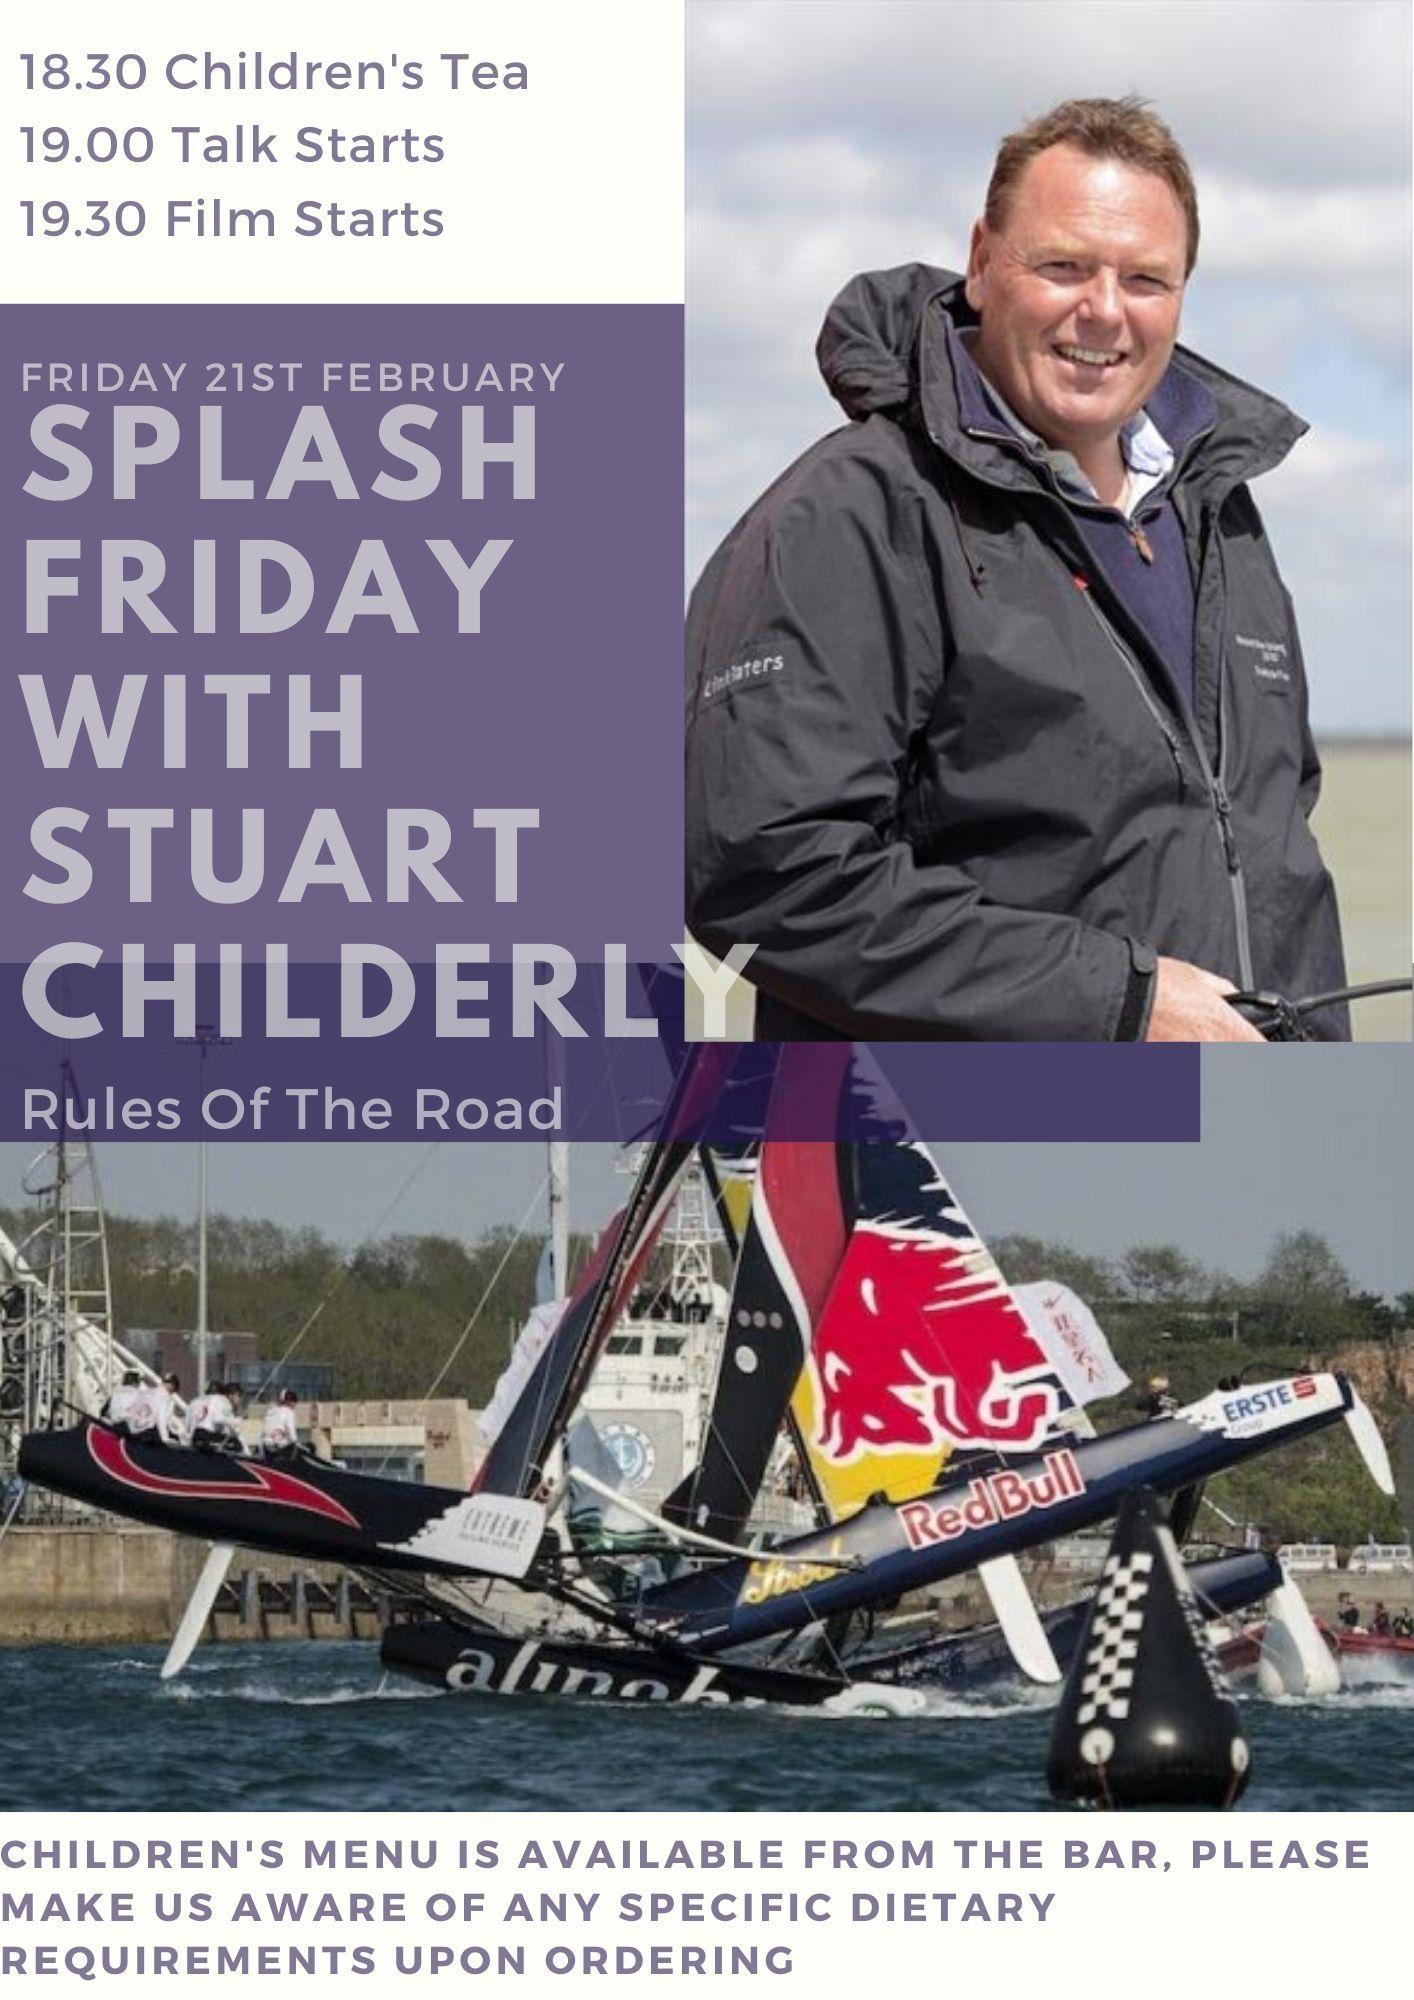 21 02 Stuart Childerly Poster